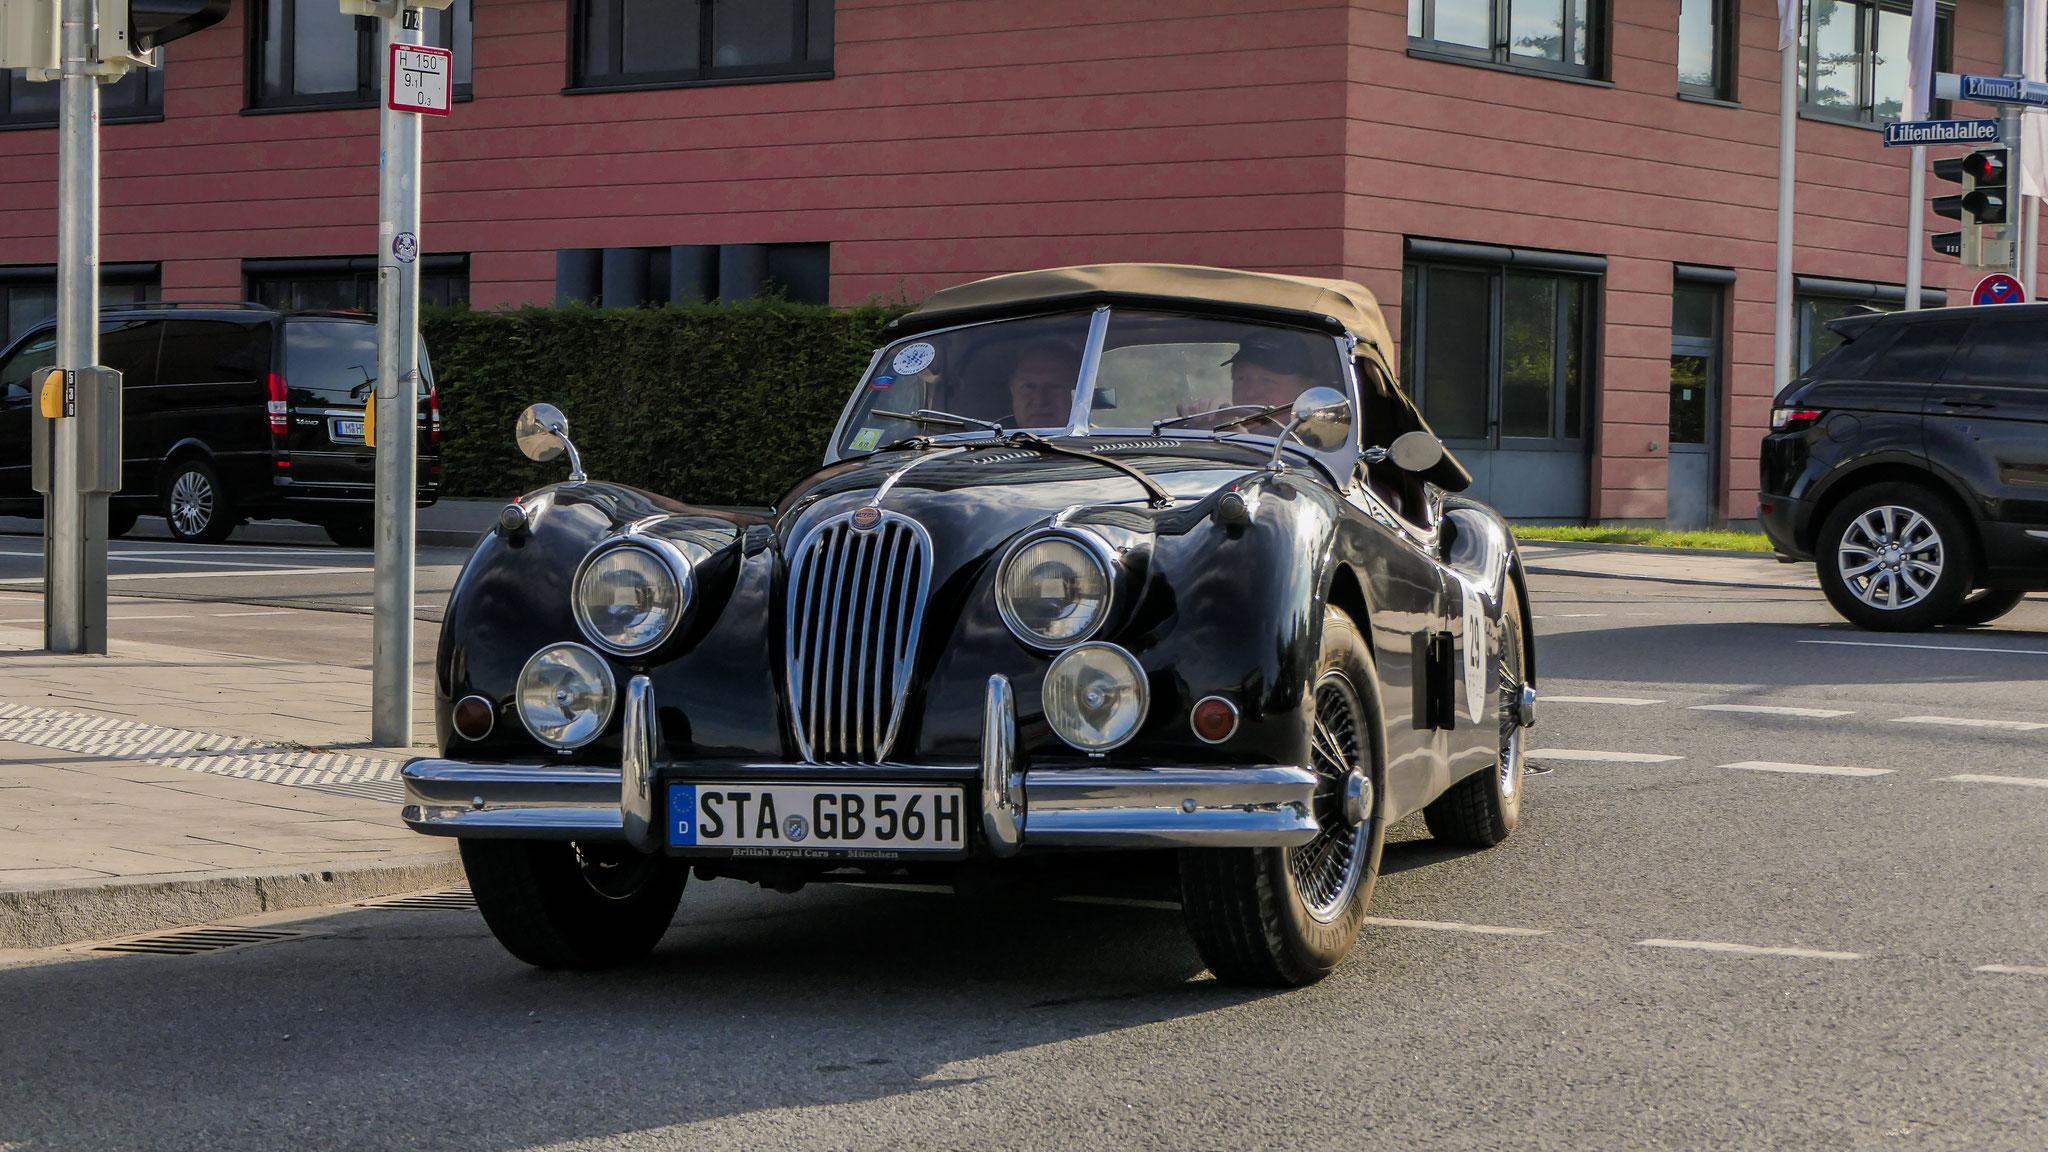 Jaguar XK 140 Cabrio - STA-GB-56H